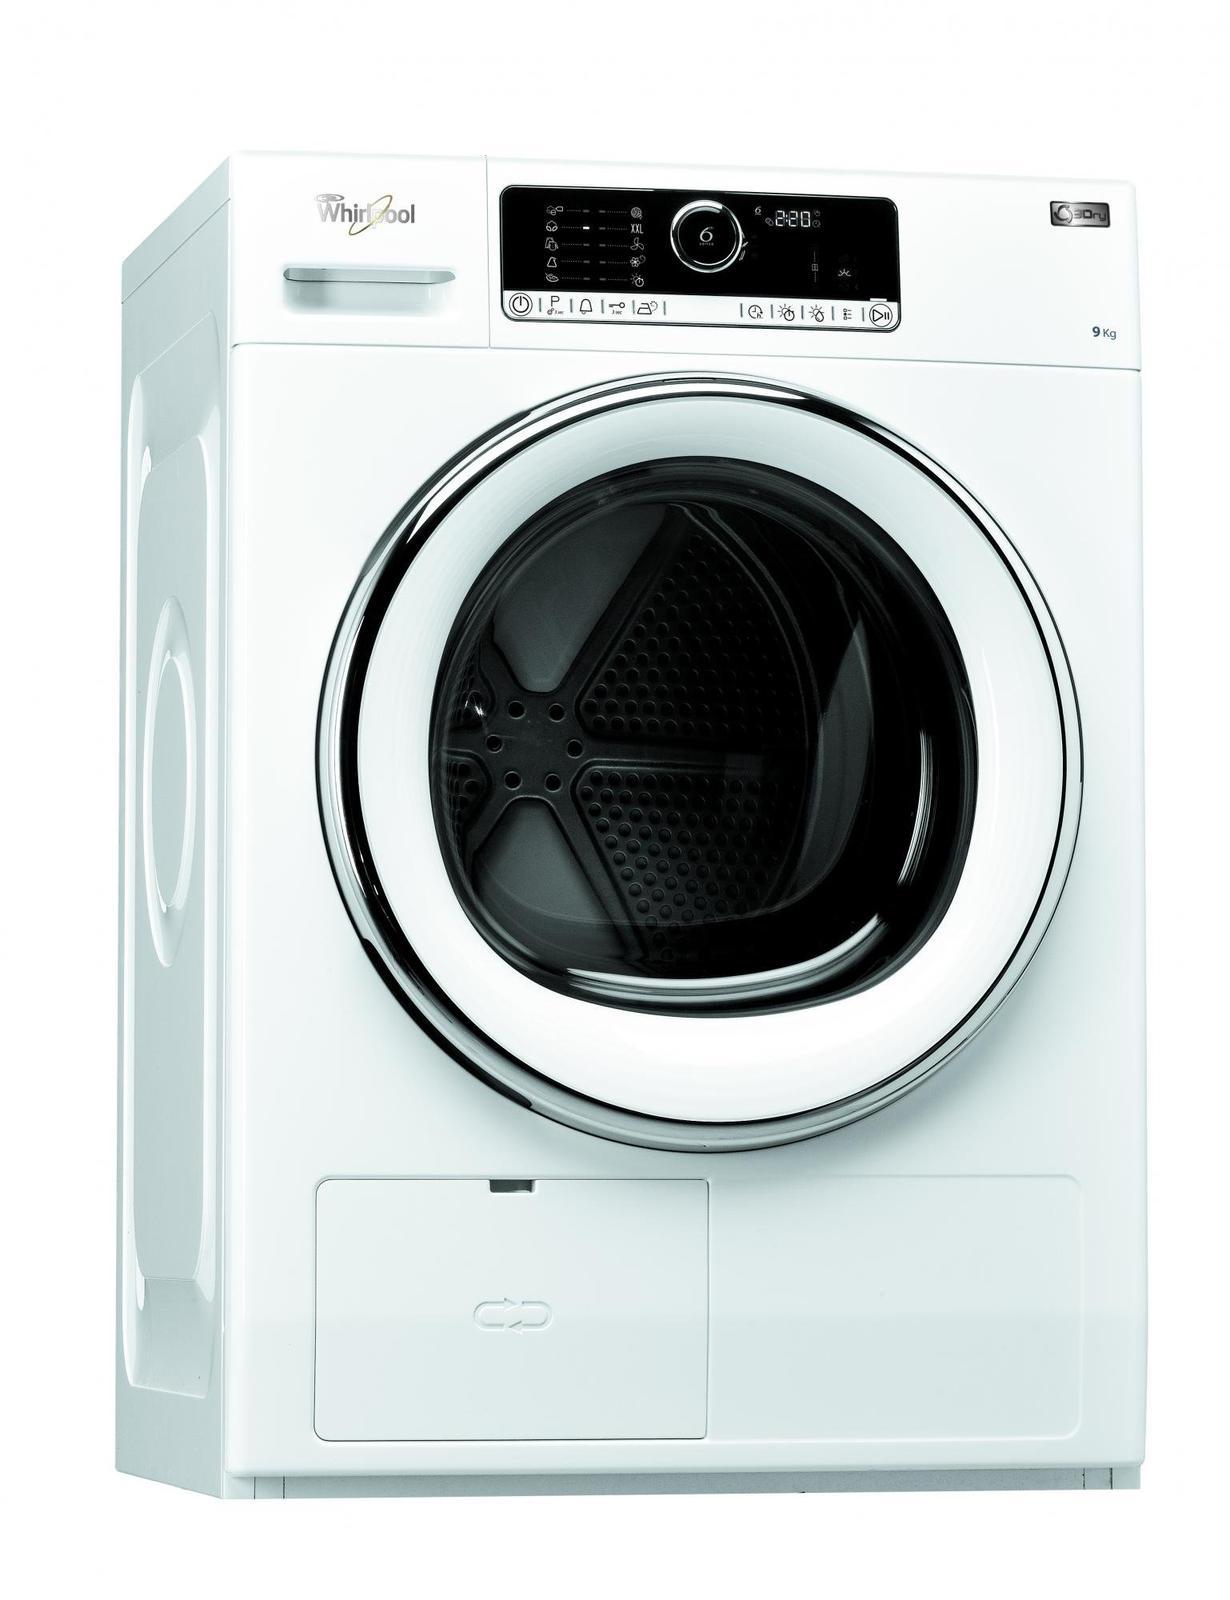 Prosím o rady jaké programy nejlépe používat na sušičce, aby prádlo nebylo pomačkané a nesráželo se atd..... mám sušičku Whirlpool HSCX 90420 - Obrázek č. 1